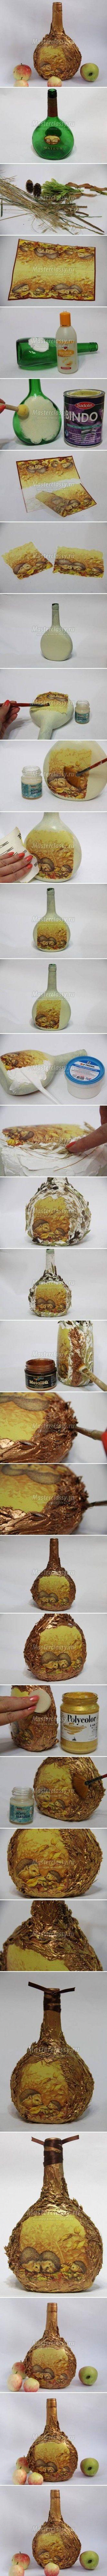 DIY Autumn Bottle Decoupage DIY Projects